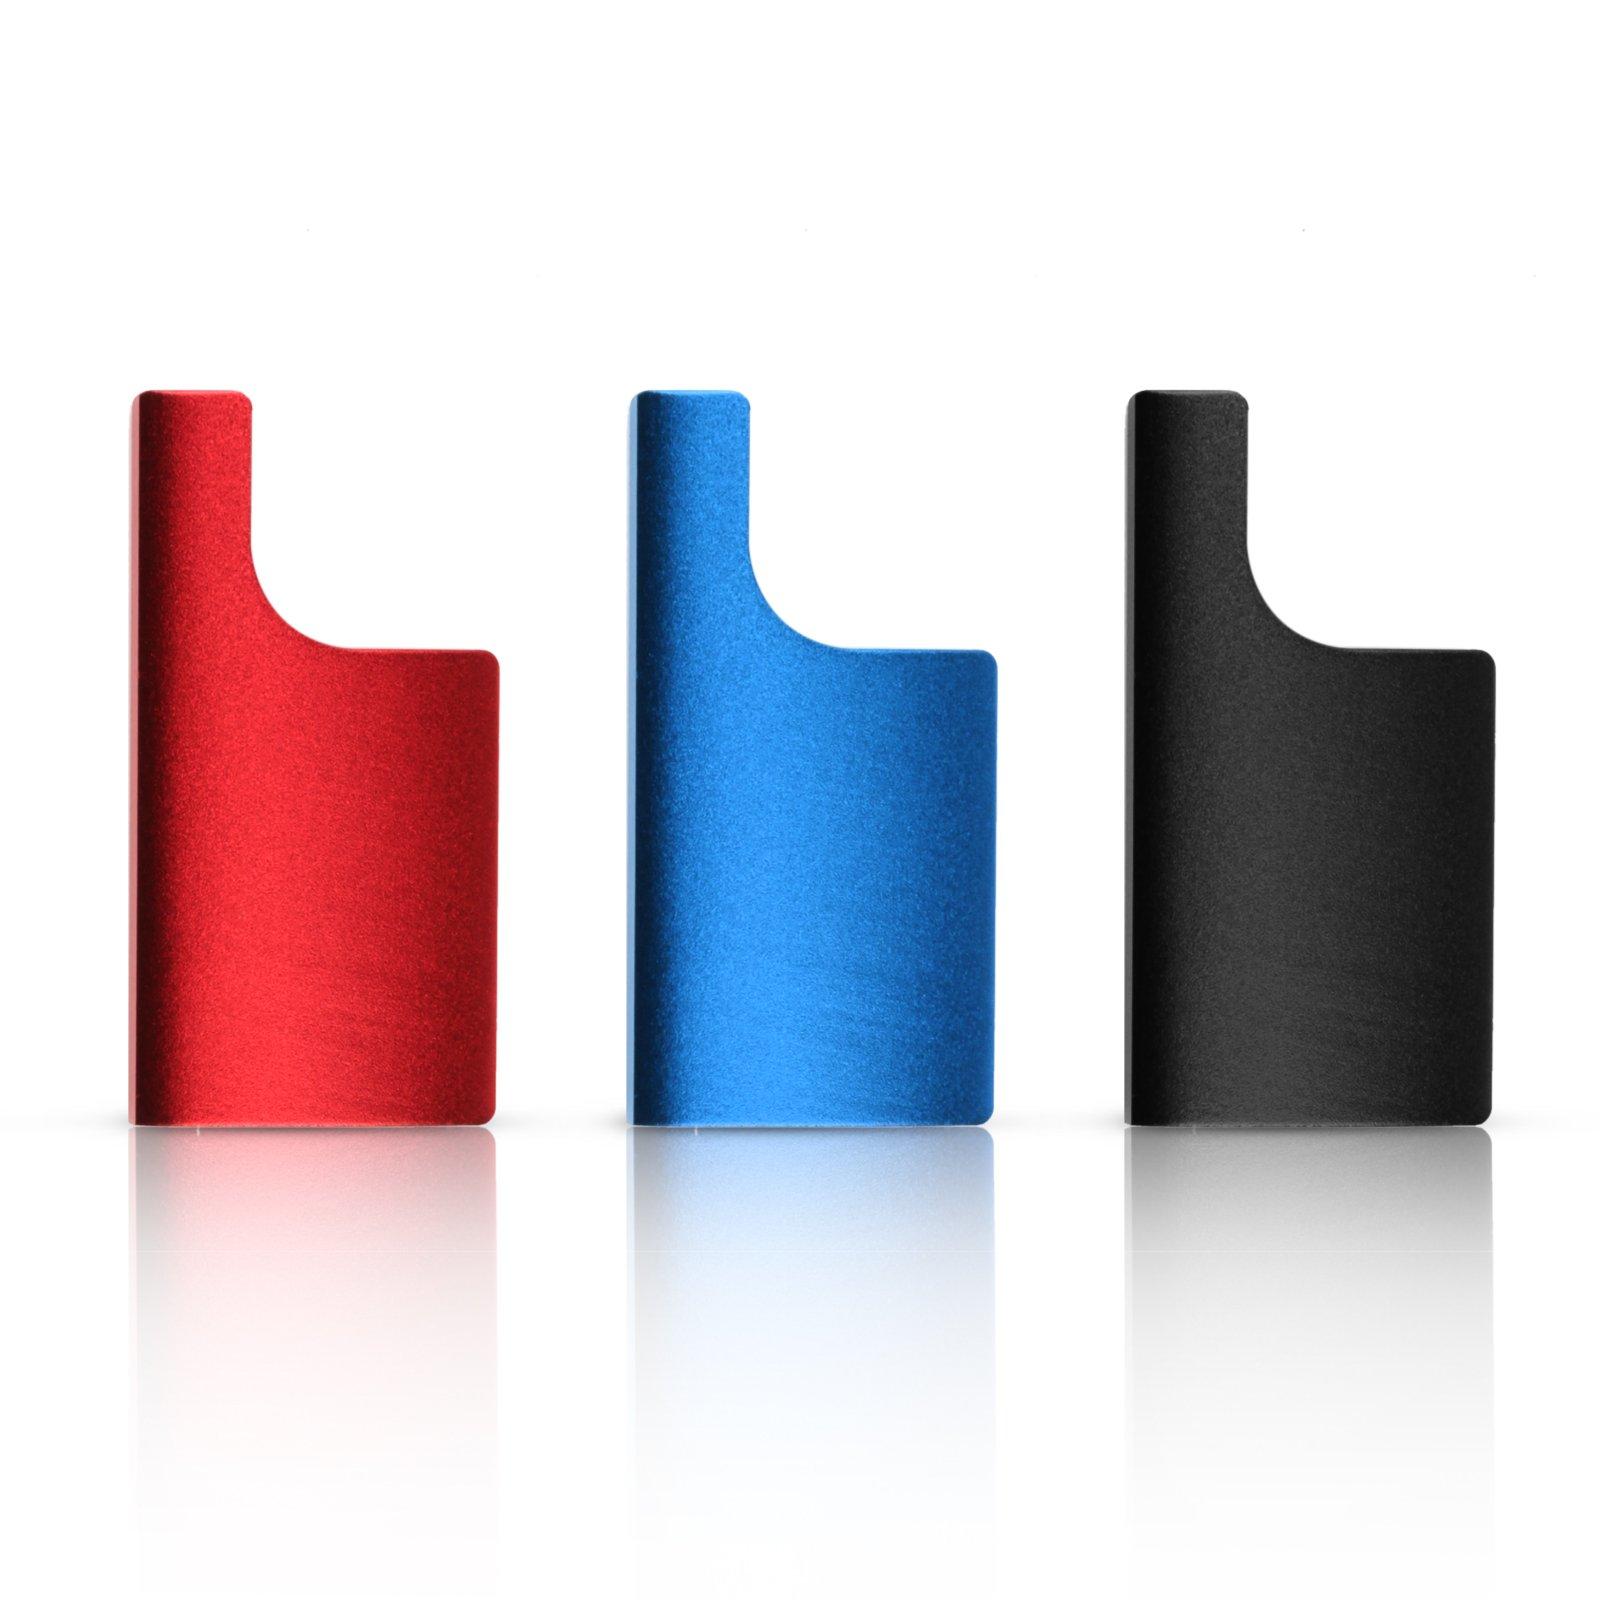 SHOOT 3PCS Multicolore metallo CNC allungamento posteriore Snap Latch Serratura standard in acciaio